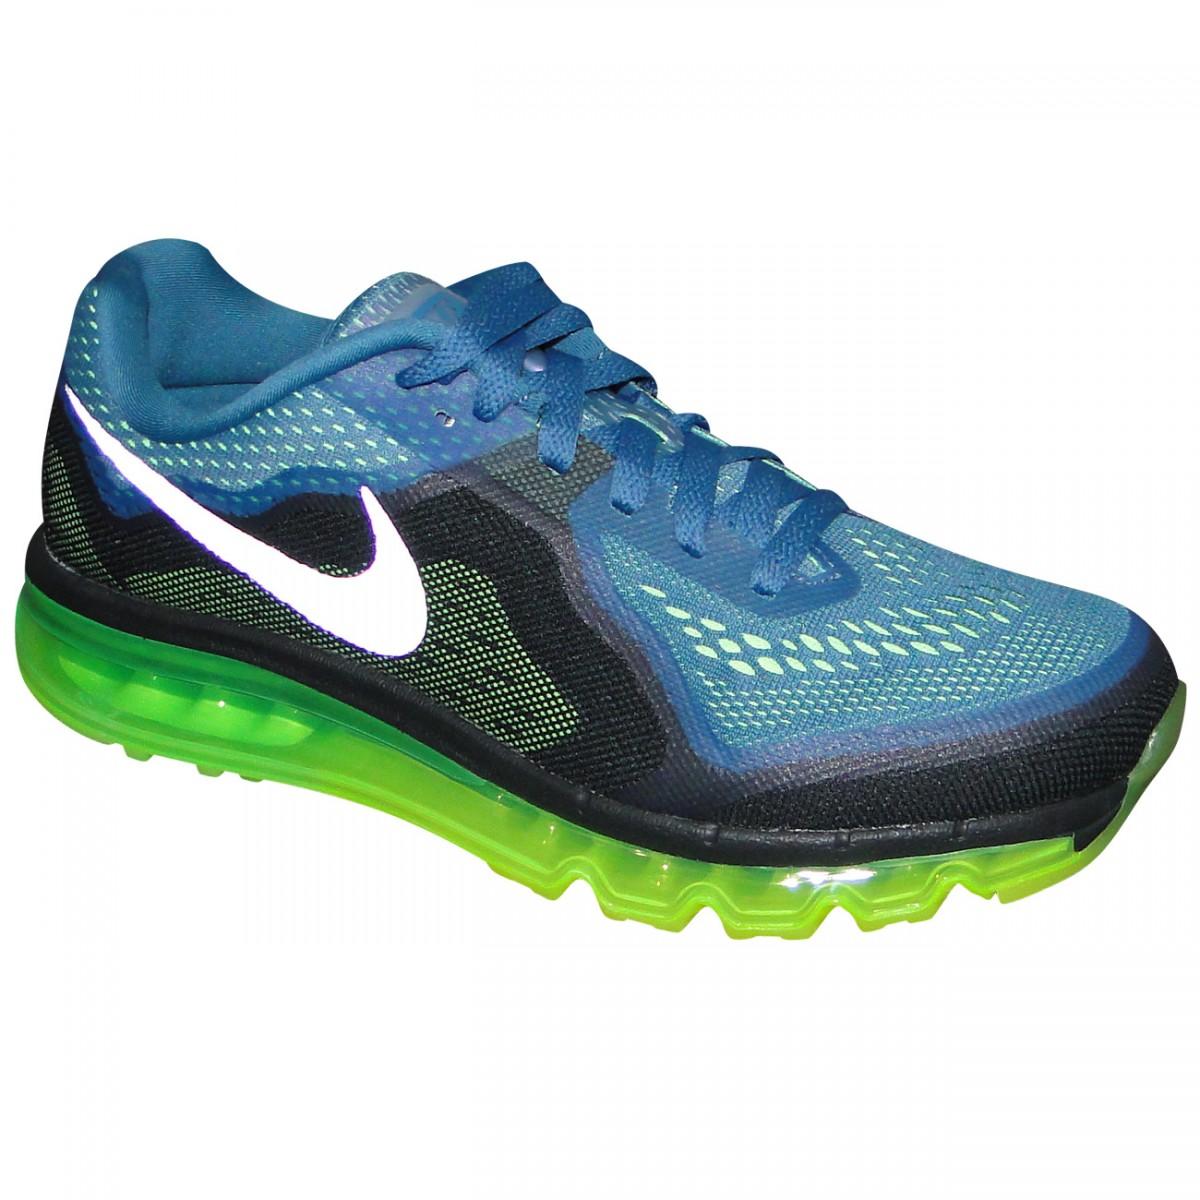 newest 488c9 daef5 Tenis Nike Air Max 2014 621077 403 - PetróleoLimão - Chuteira Nike,  Adidas. Sandalias Femininas. Sandy Calçados